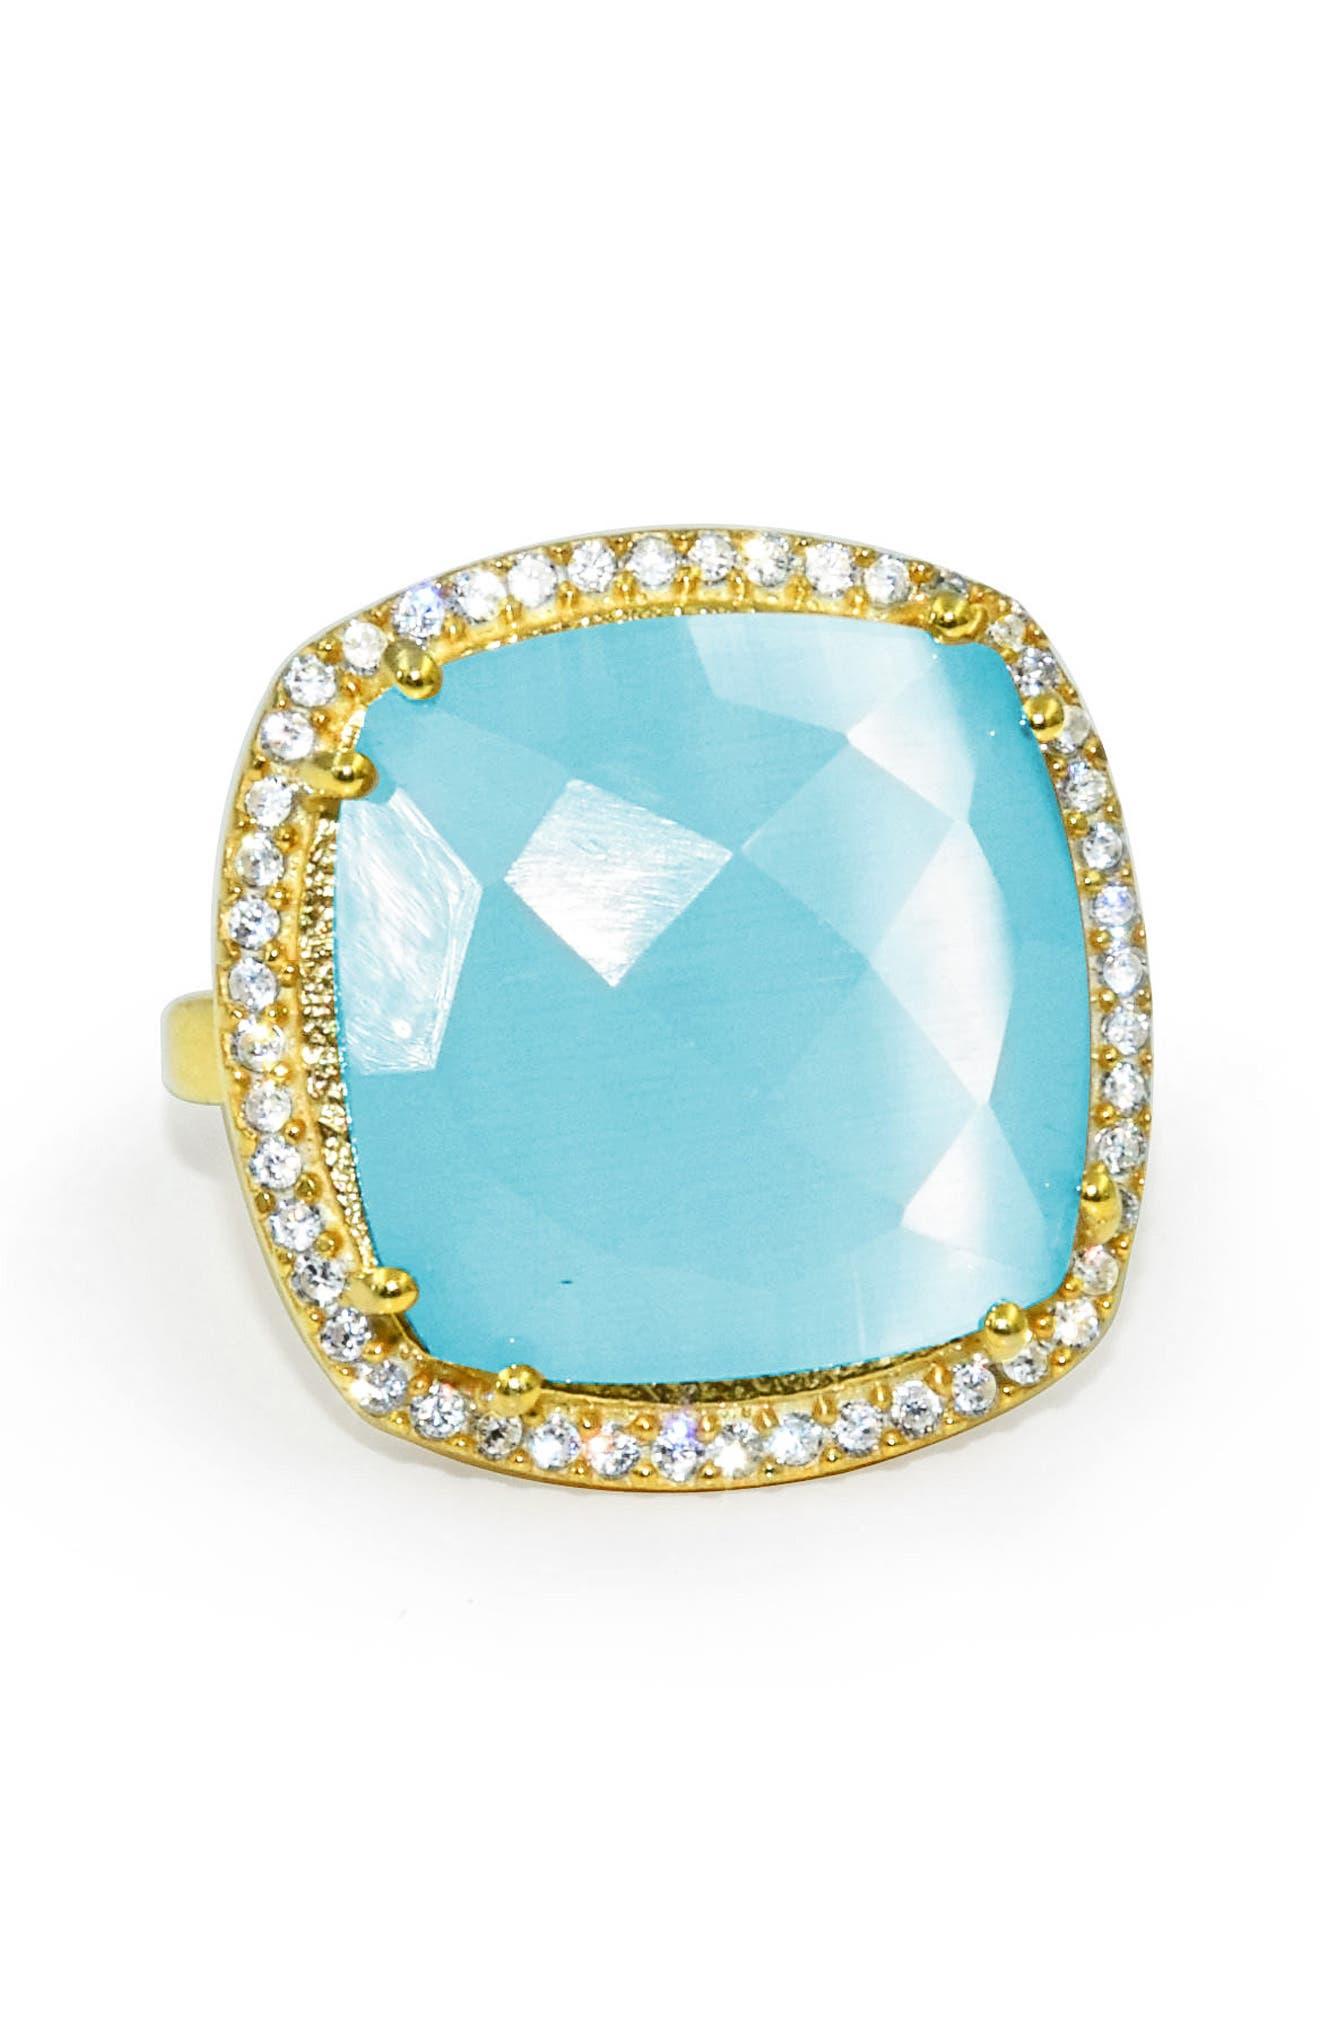 Main Image - Susan Hanover Square Semiprecious Stone Ring